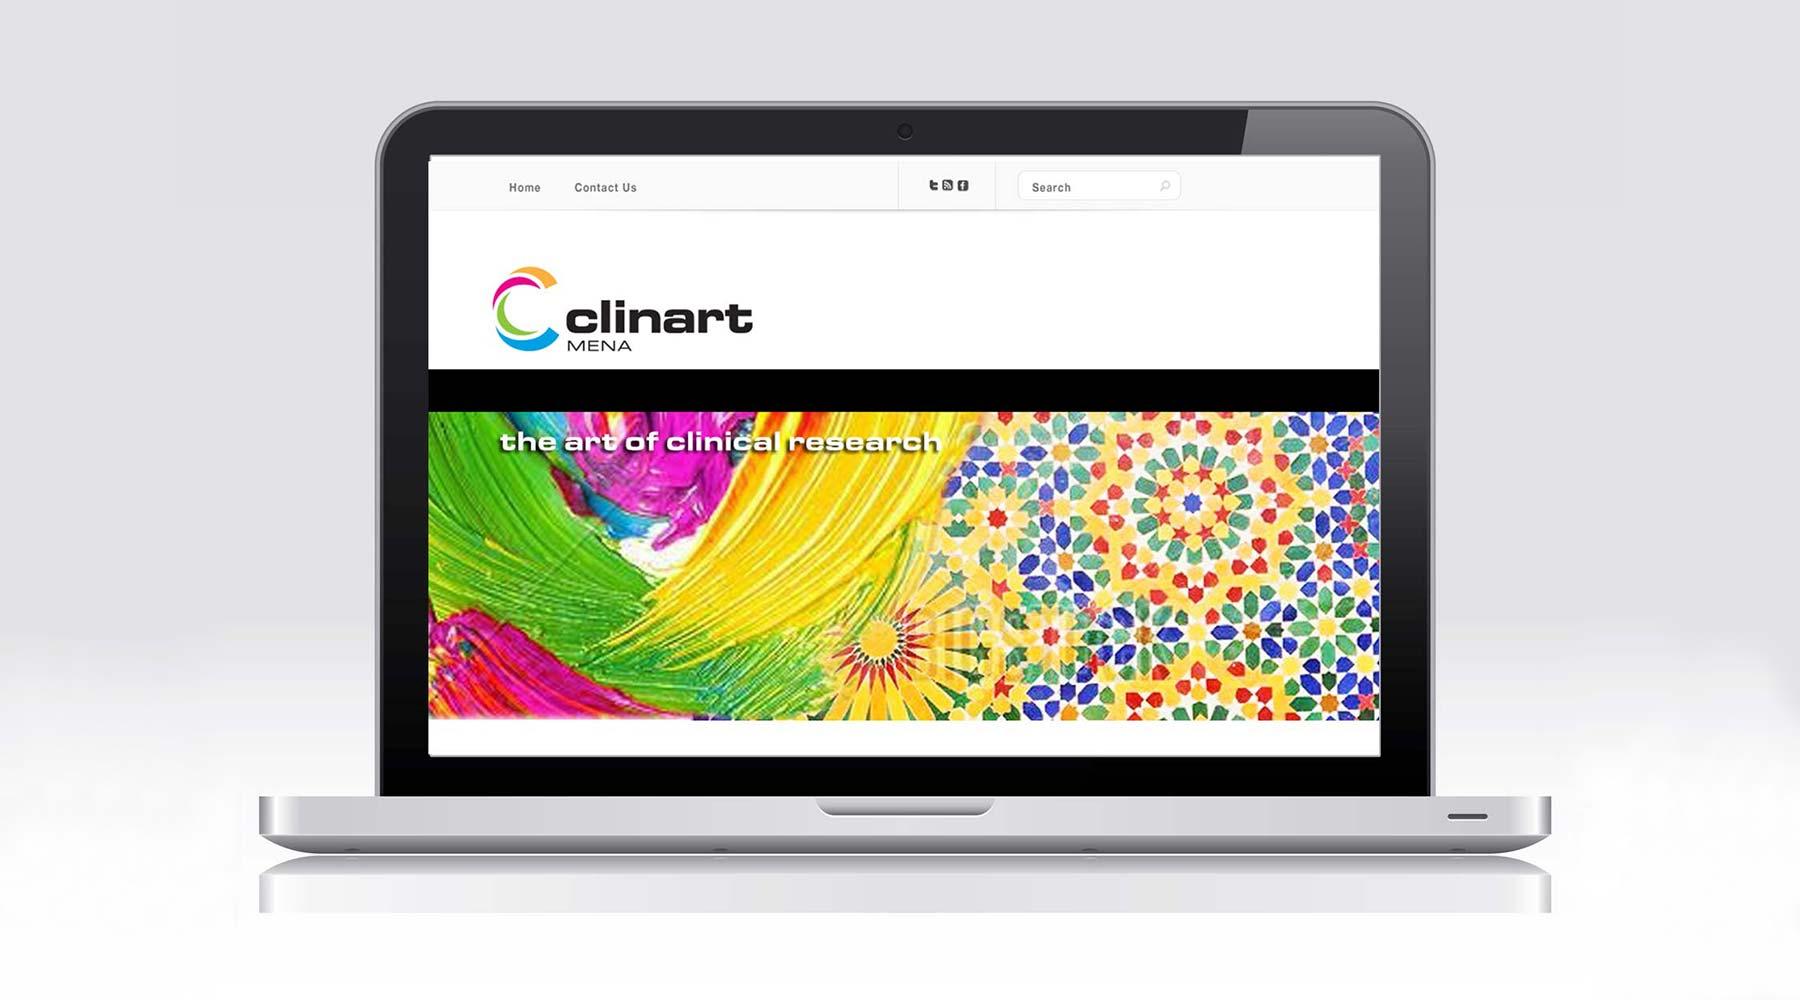 Clinart website